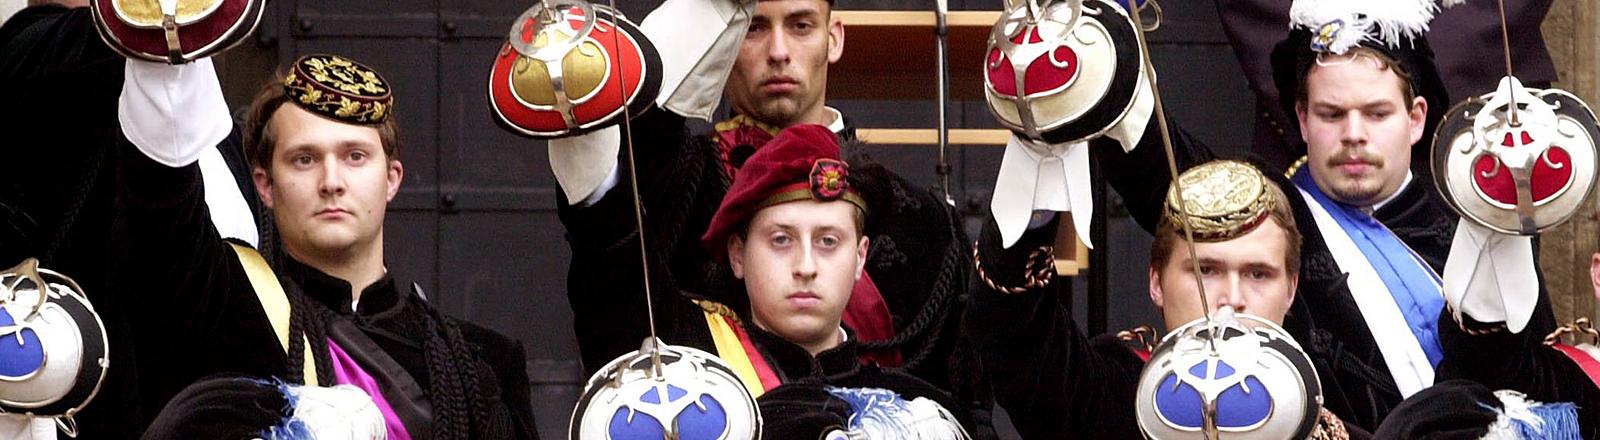 Männer posieren mit Uniform und Säbel.